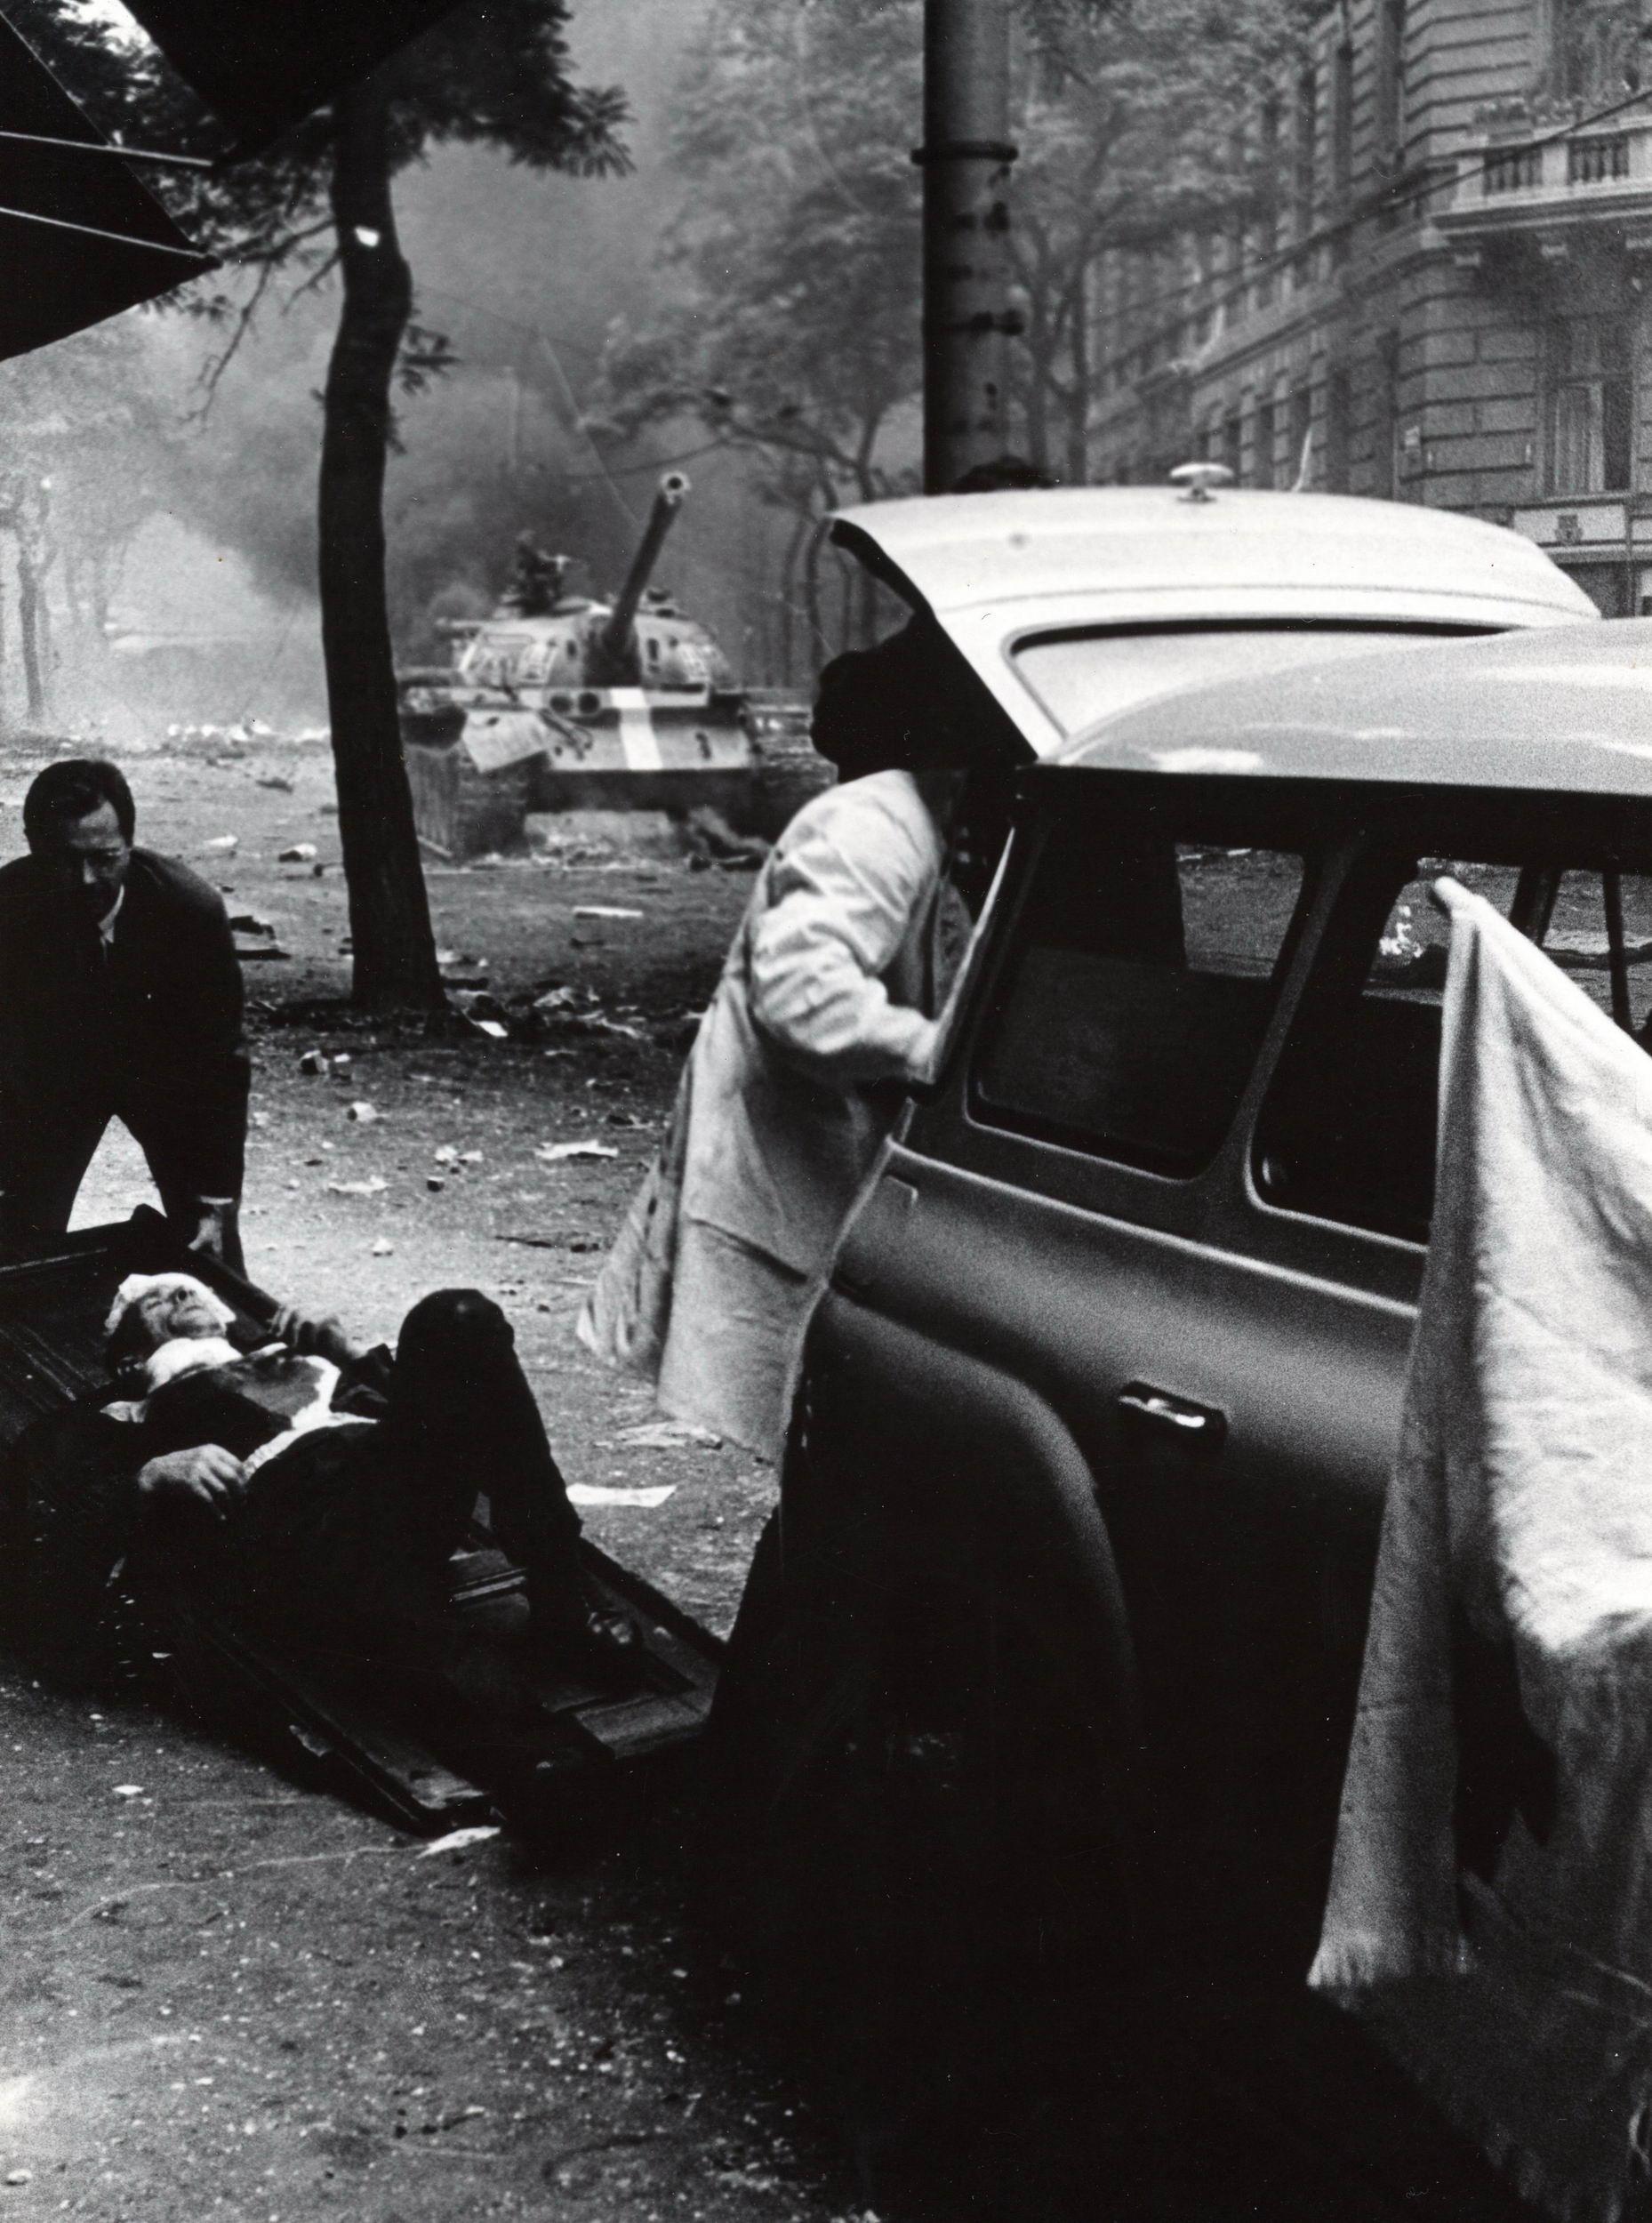 Raněný na nosítkách, za ním tank s pruhem. Podívejte se na nejlepší fotky z roku 1968